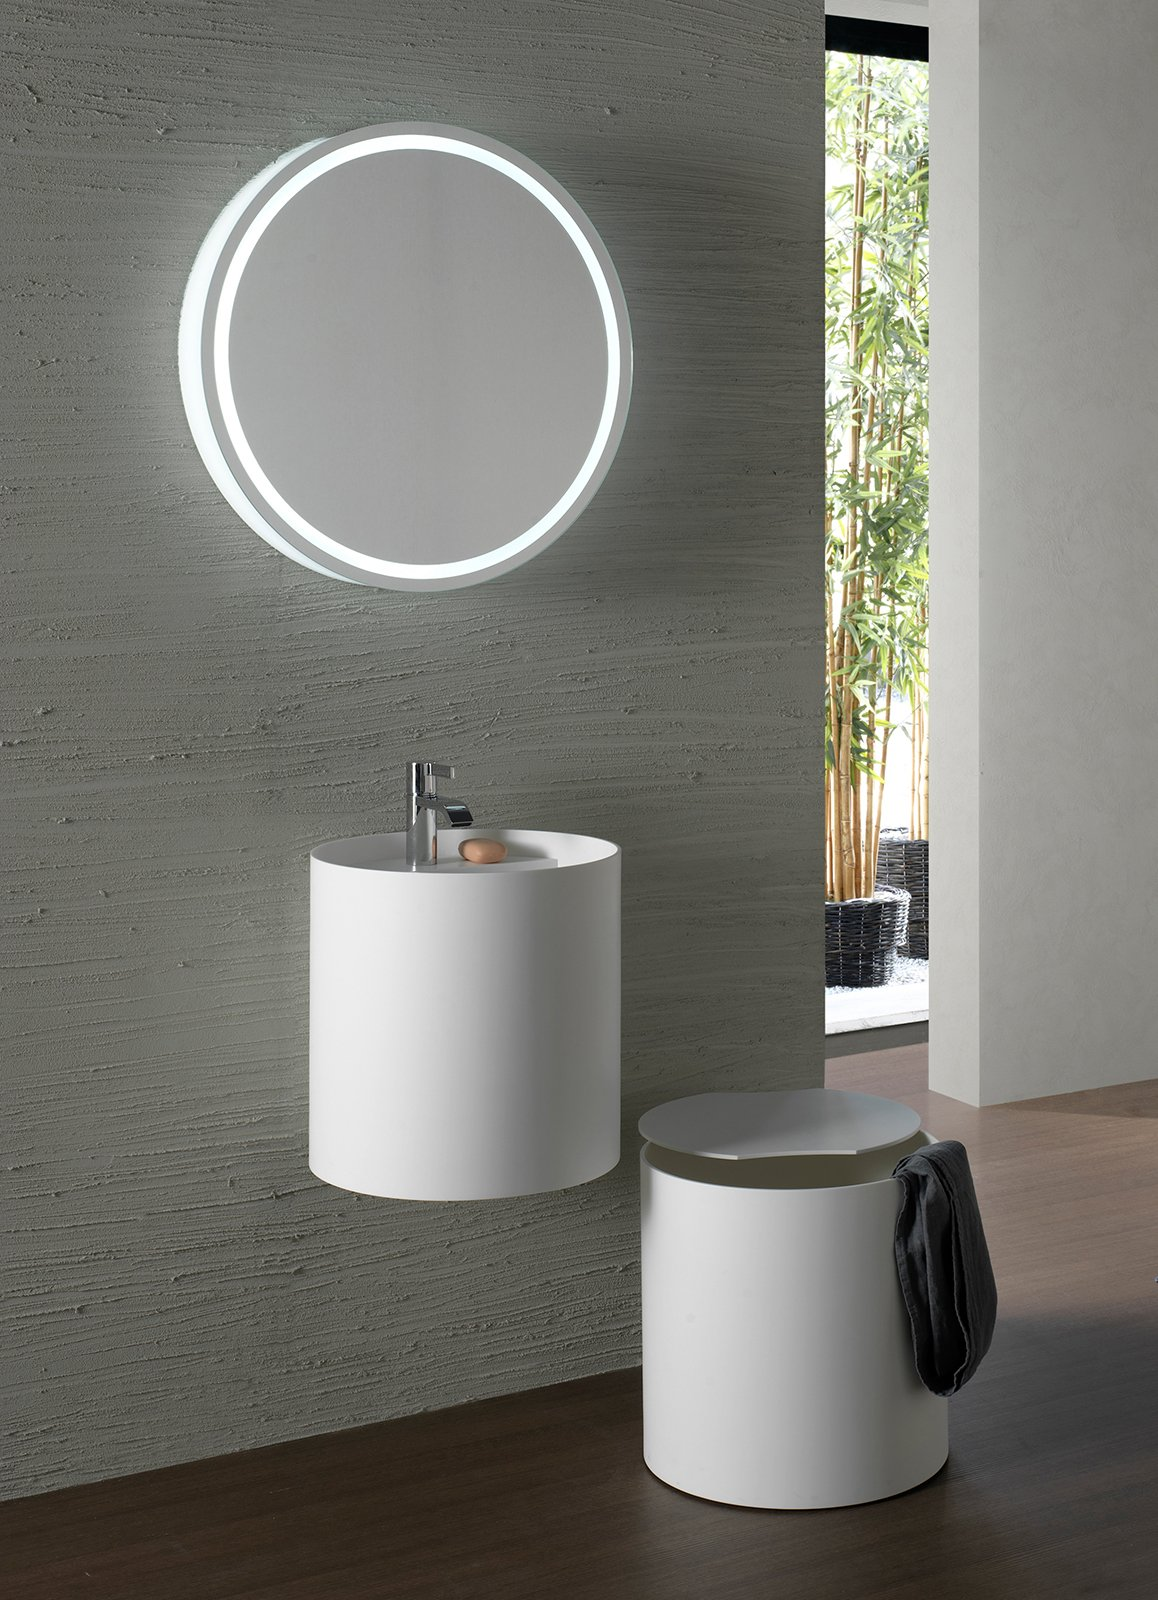 Ikea sanitari specchi per il bagno cose di casa for Sanitari bagno prezzi ikea